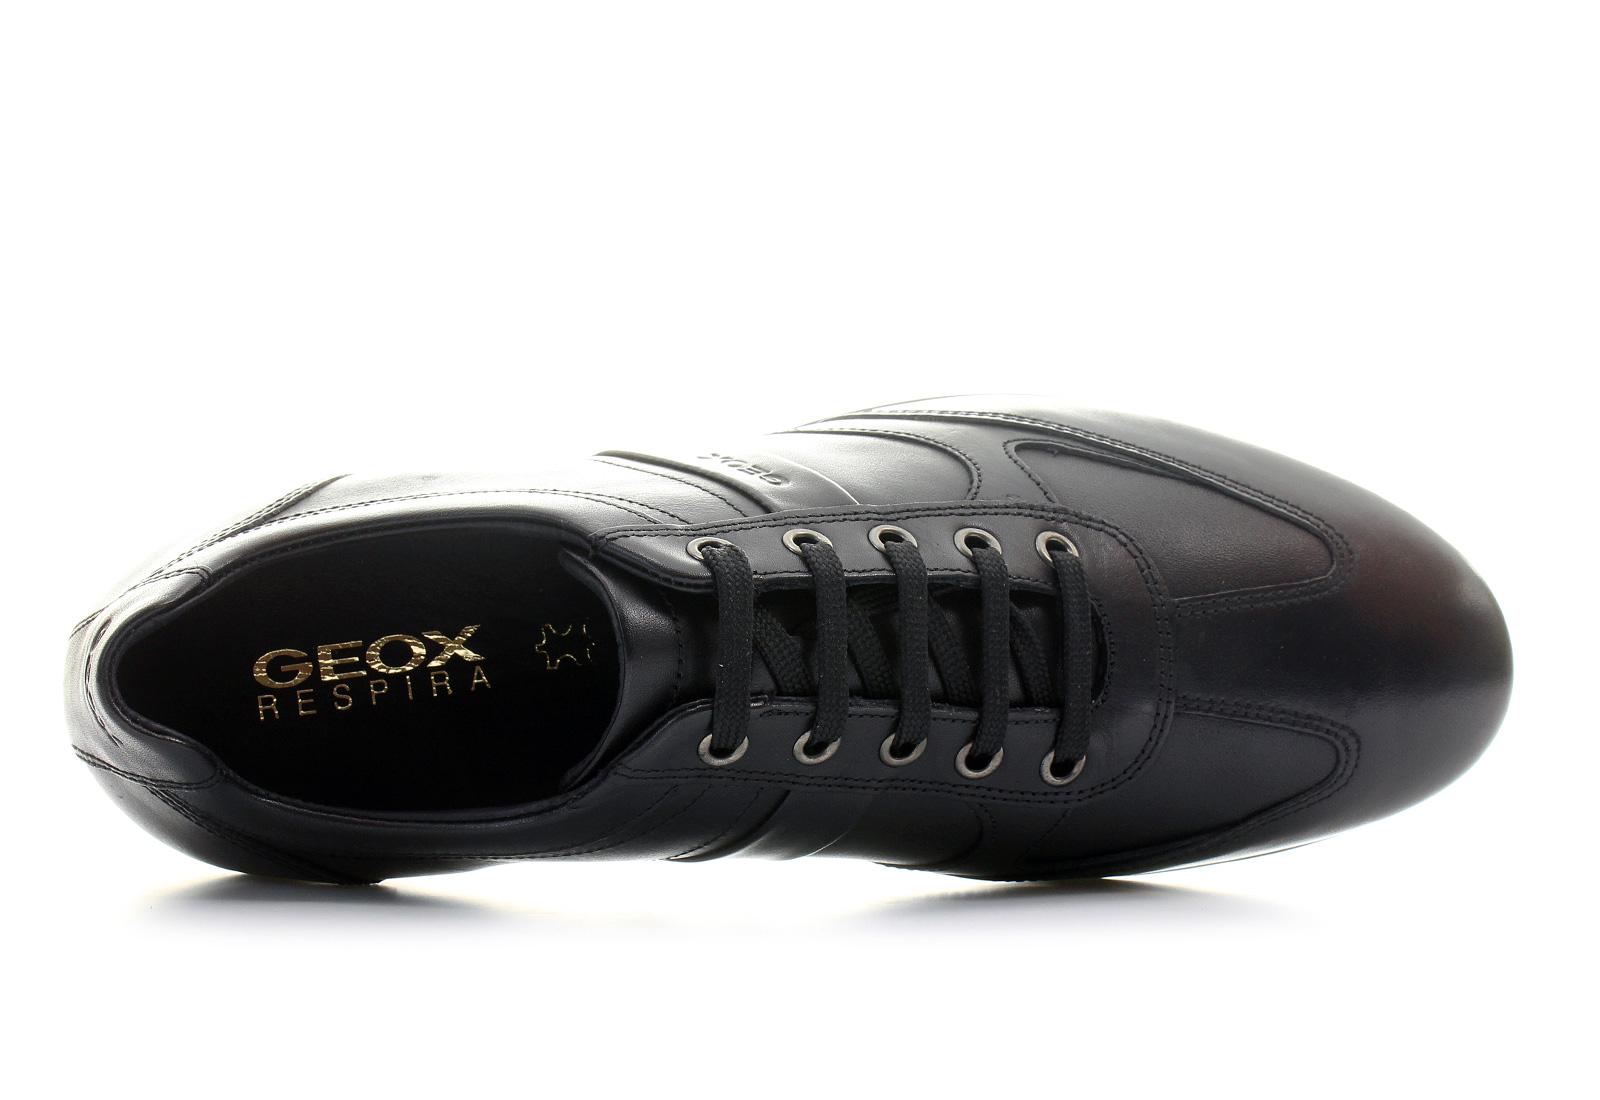 Geox Półbuty - Symbol - A5C-0043-9999 - Obuwie i buty damskie ... e0ecebf775